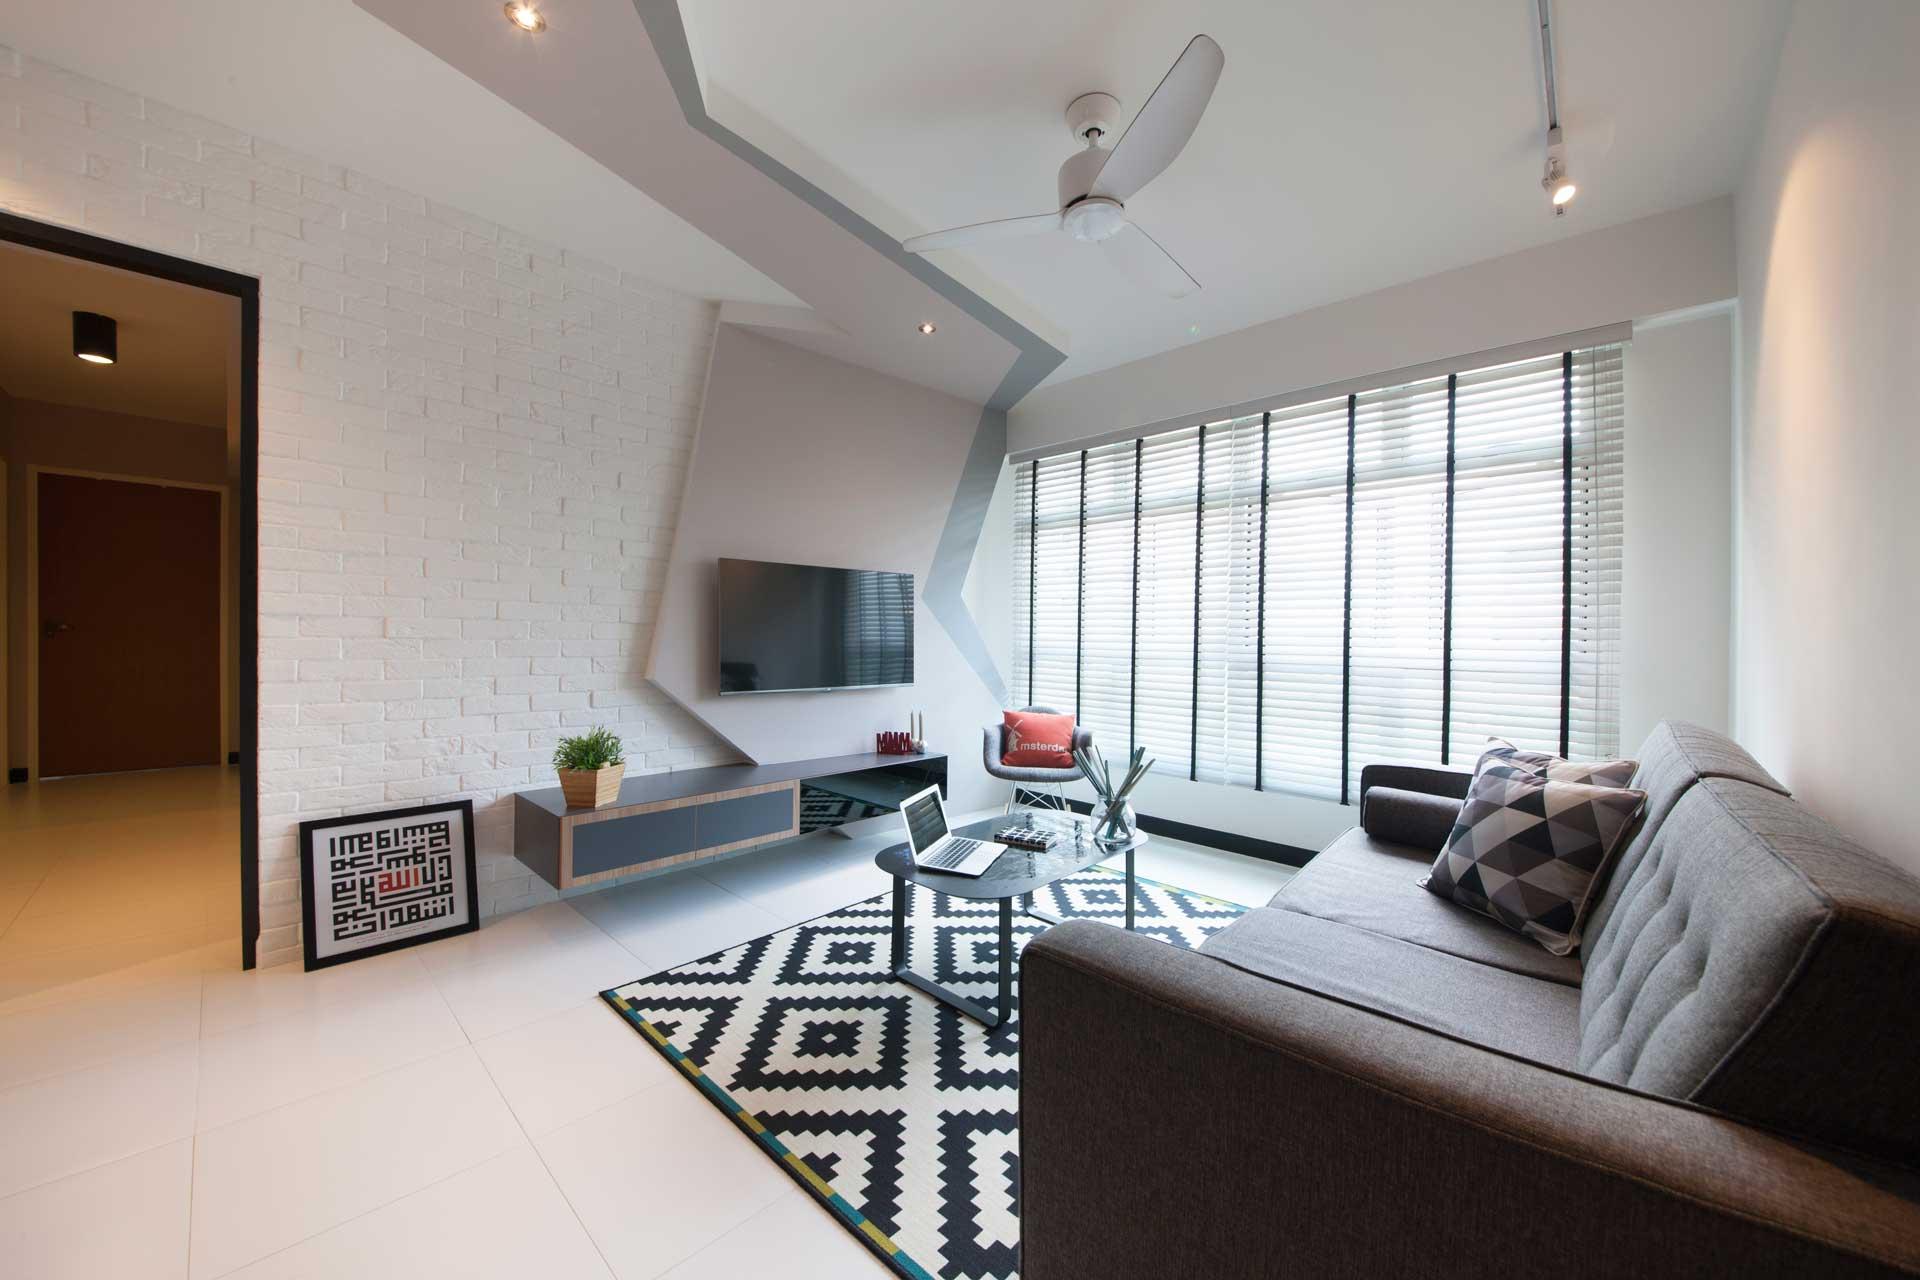 rugs (2)